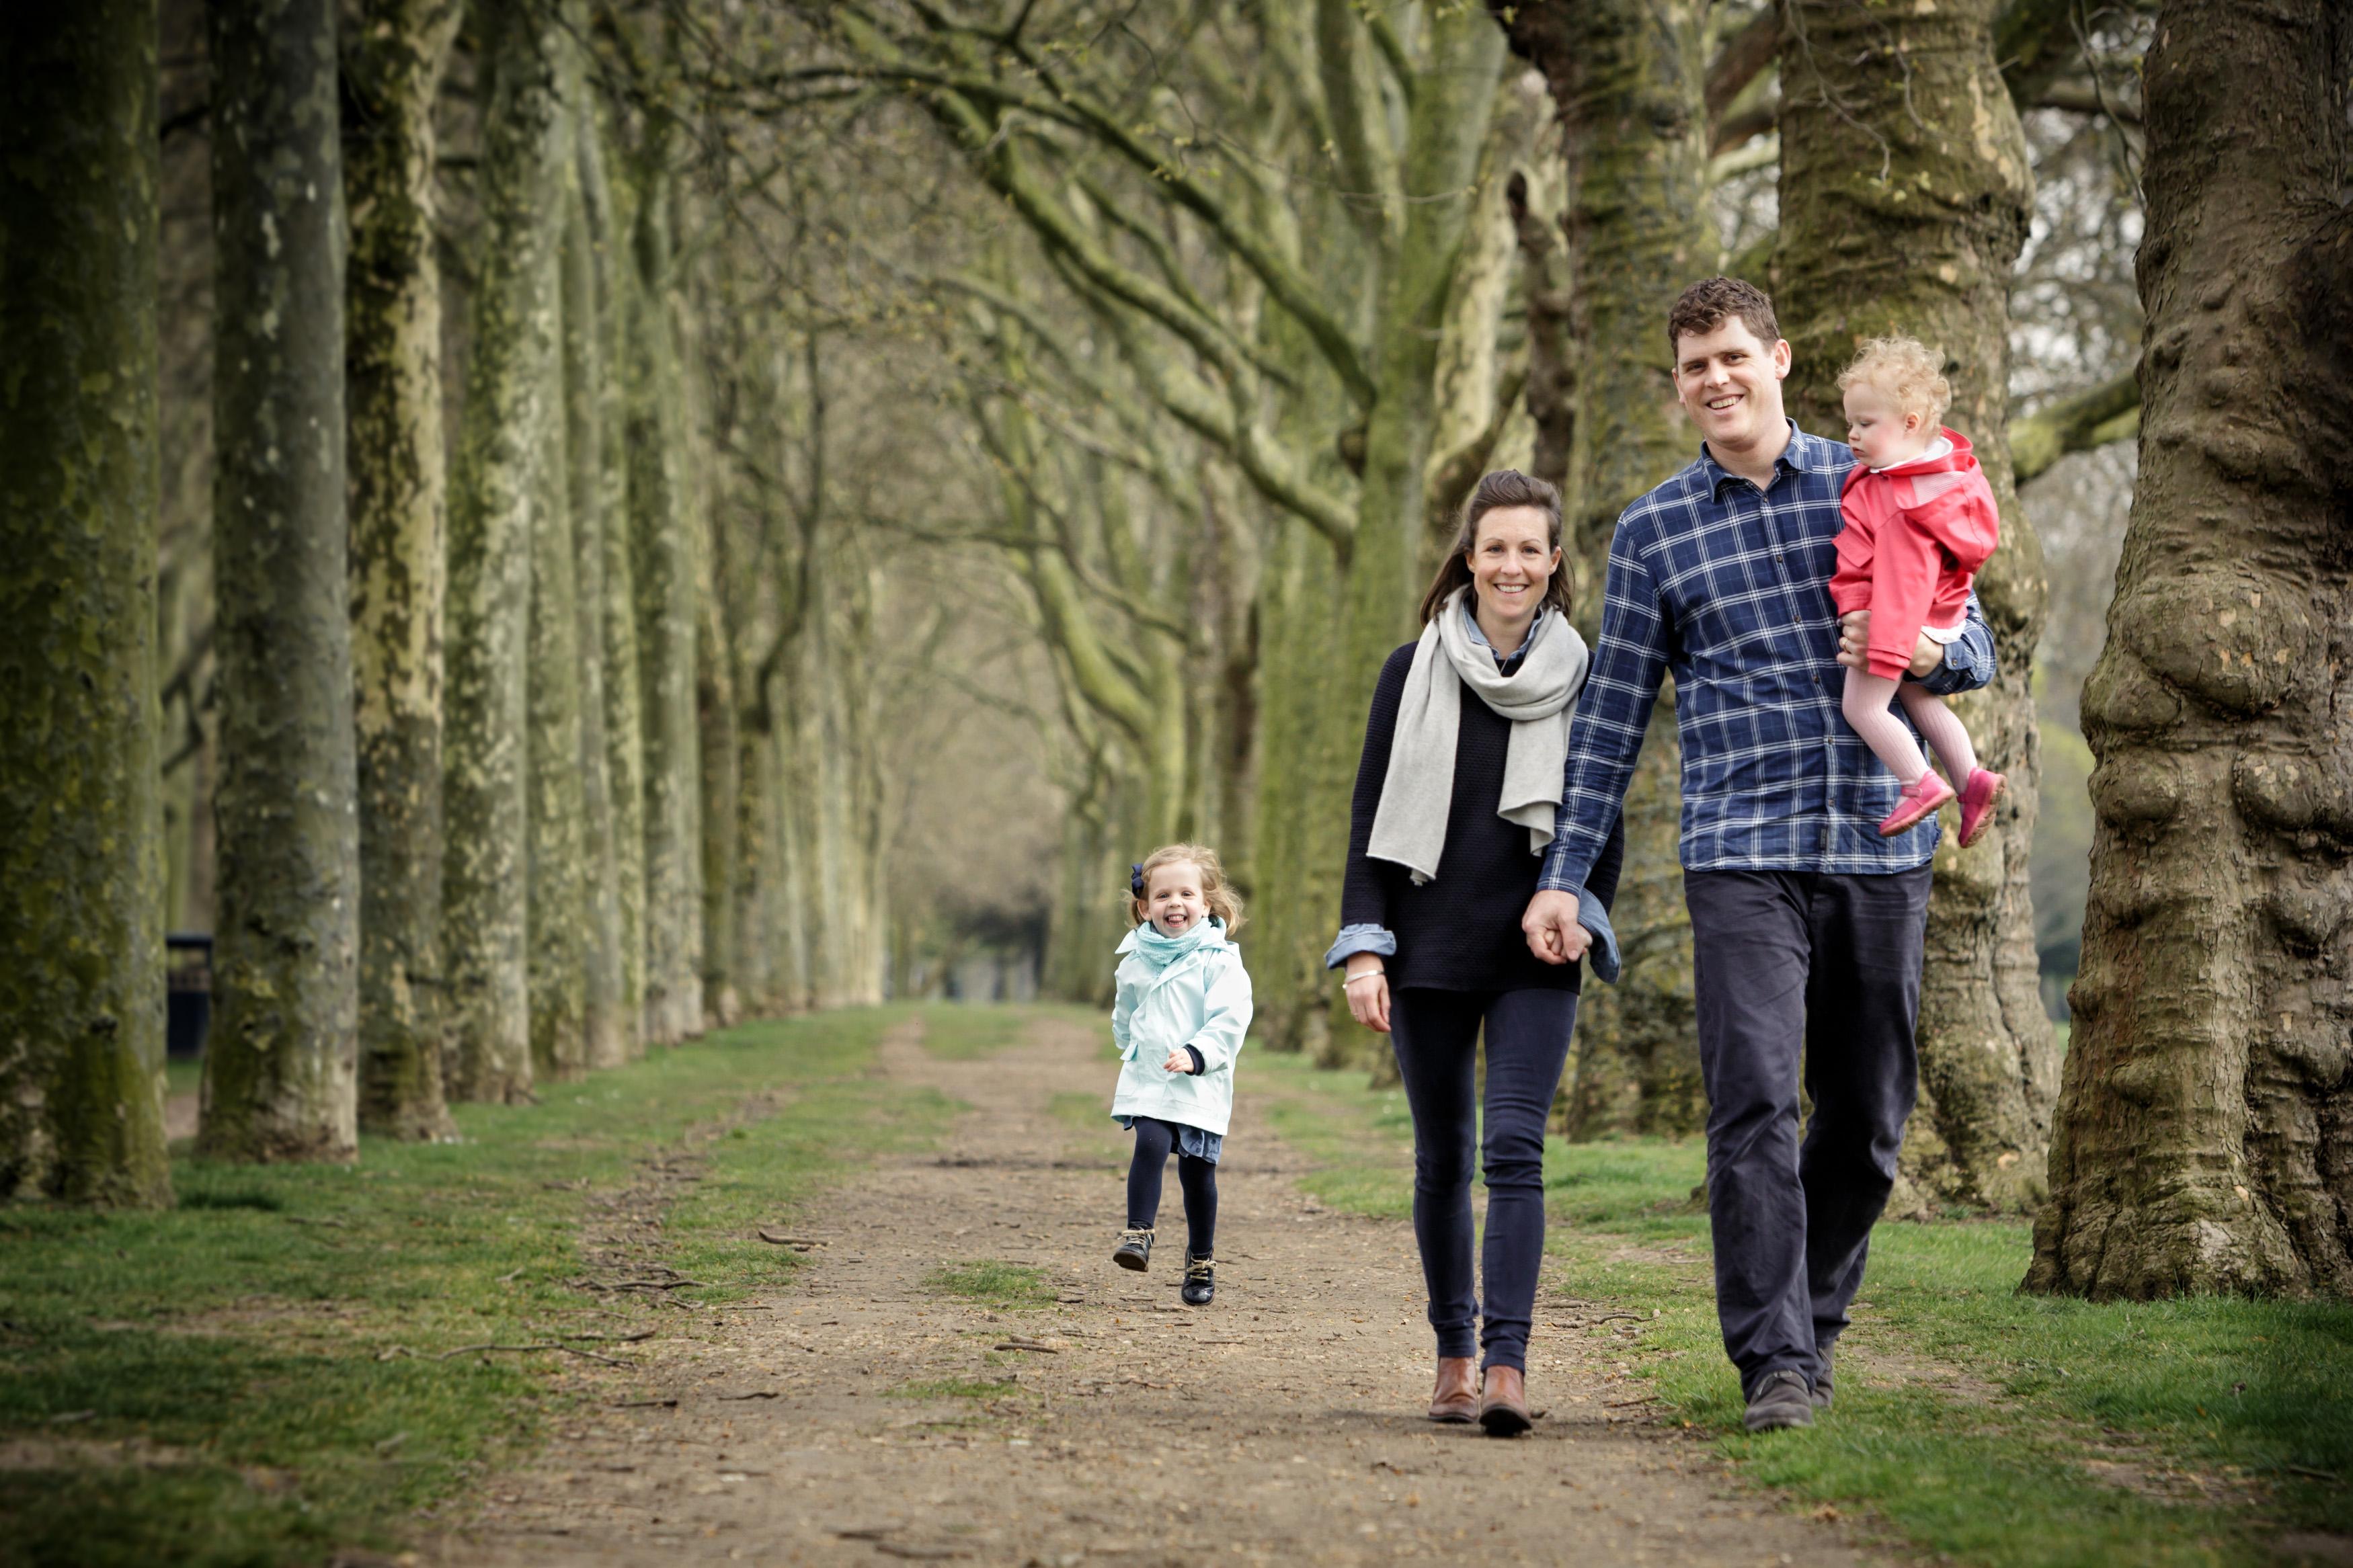 Family photo shoot, Victoria Park